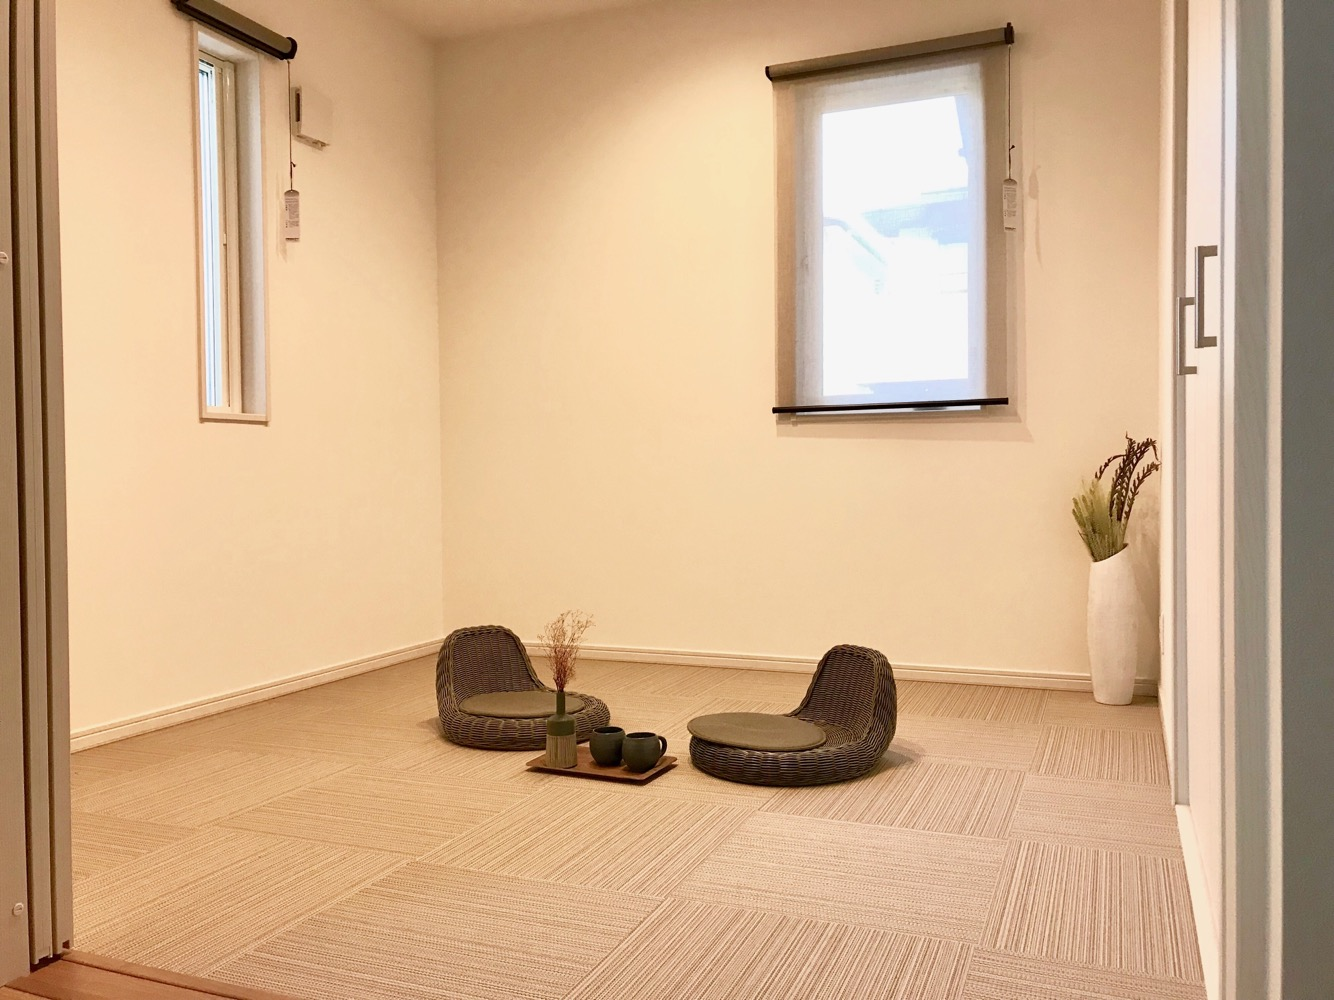 モデルハウス/住宅展示場情報:唐崎モデルハウス(滋賀県大津市)のスライダー用サムネイル画像